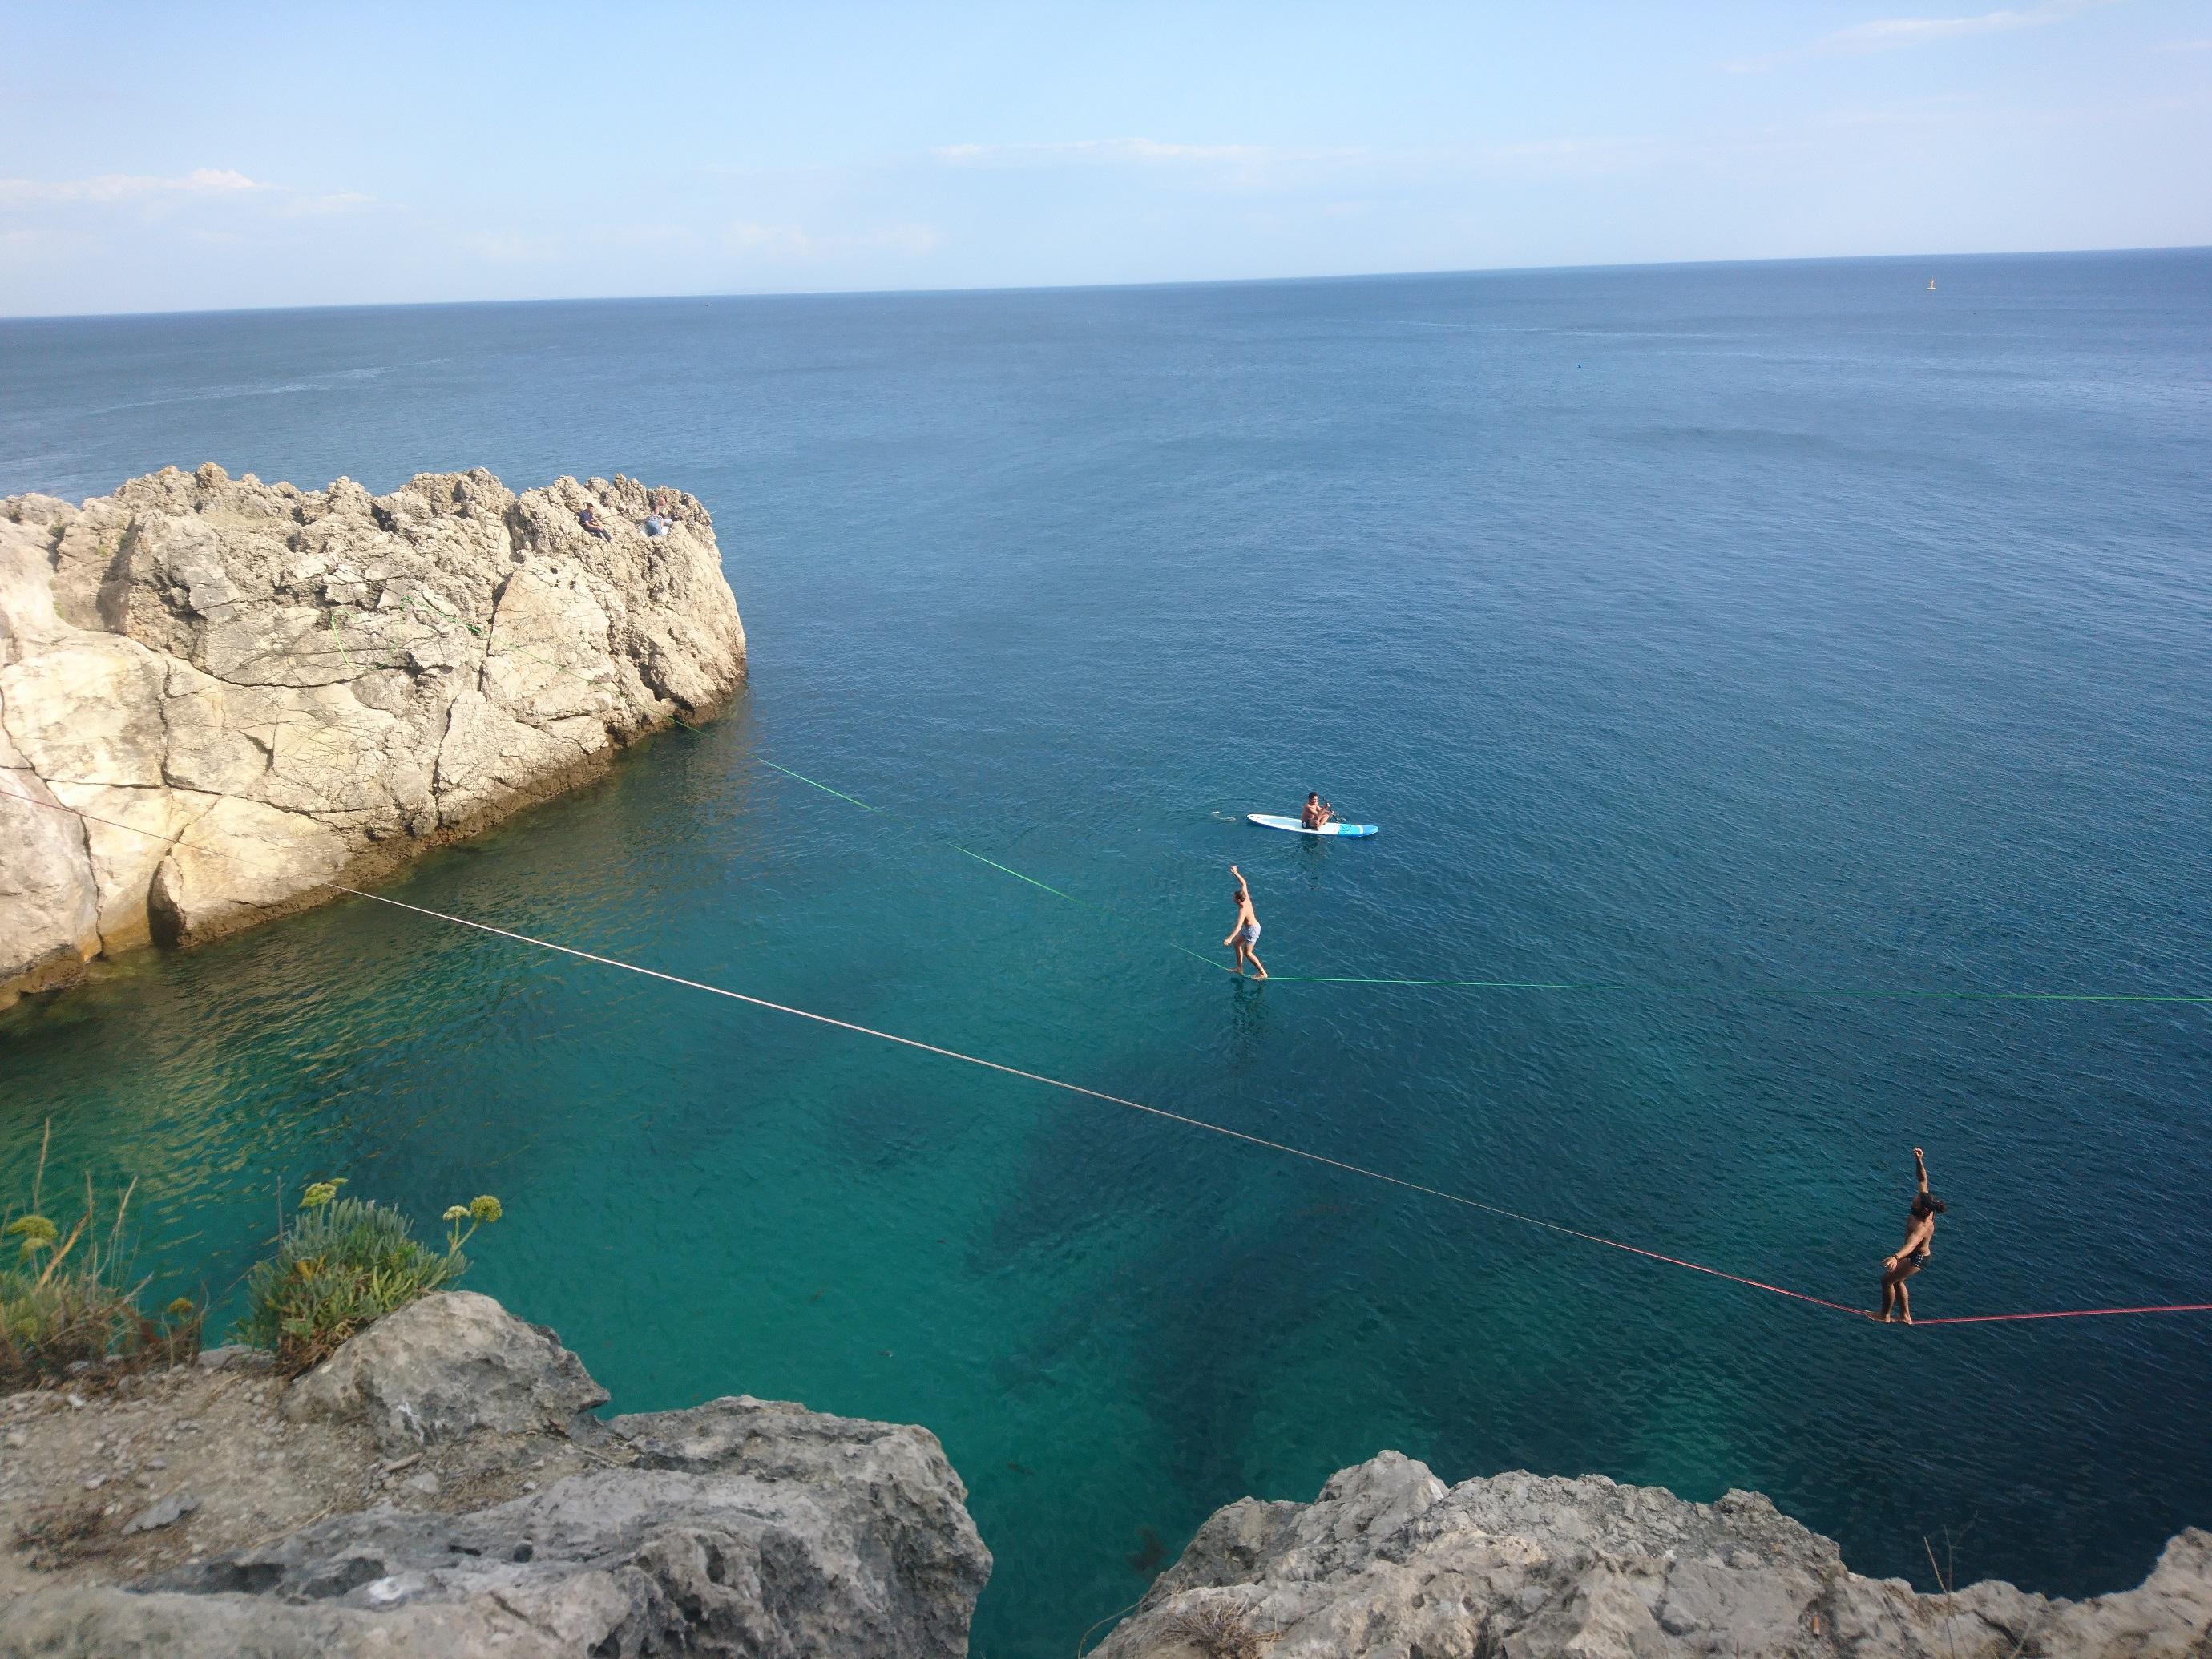 Pyöräilin 30 km päässä Lissabonista sijaitsevaan Sesimbraan tapaamaan joukon kansainvälisiä Slackline-taitureita. Kuvassa näkyvillä liinoilla on mittaa reilut 30 metriä, korkeutta metristä viiteen metriin ja leveyttä vain noin tuuman verran. Veden ylle viritettyä liinaa kutsutaan Waterlineksi. Kuva: Timo Tahkola.